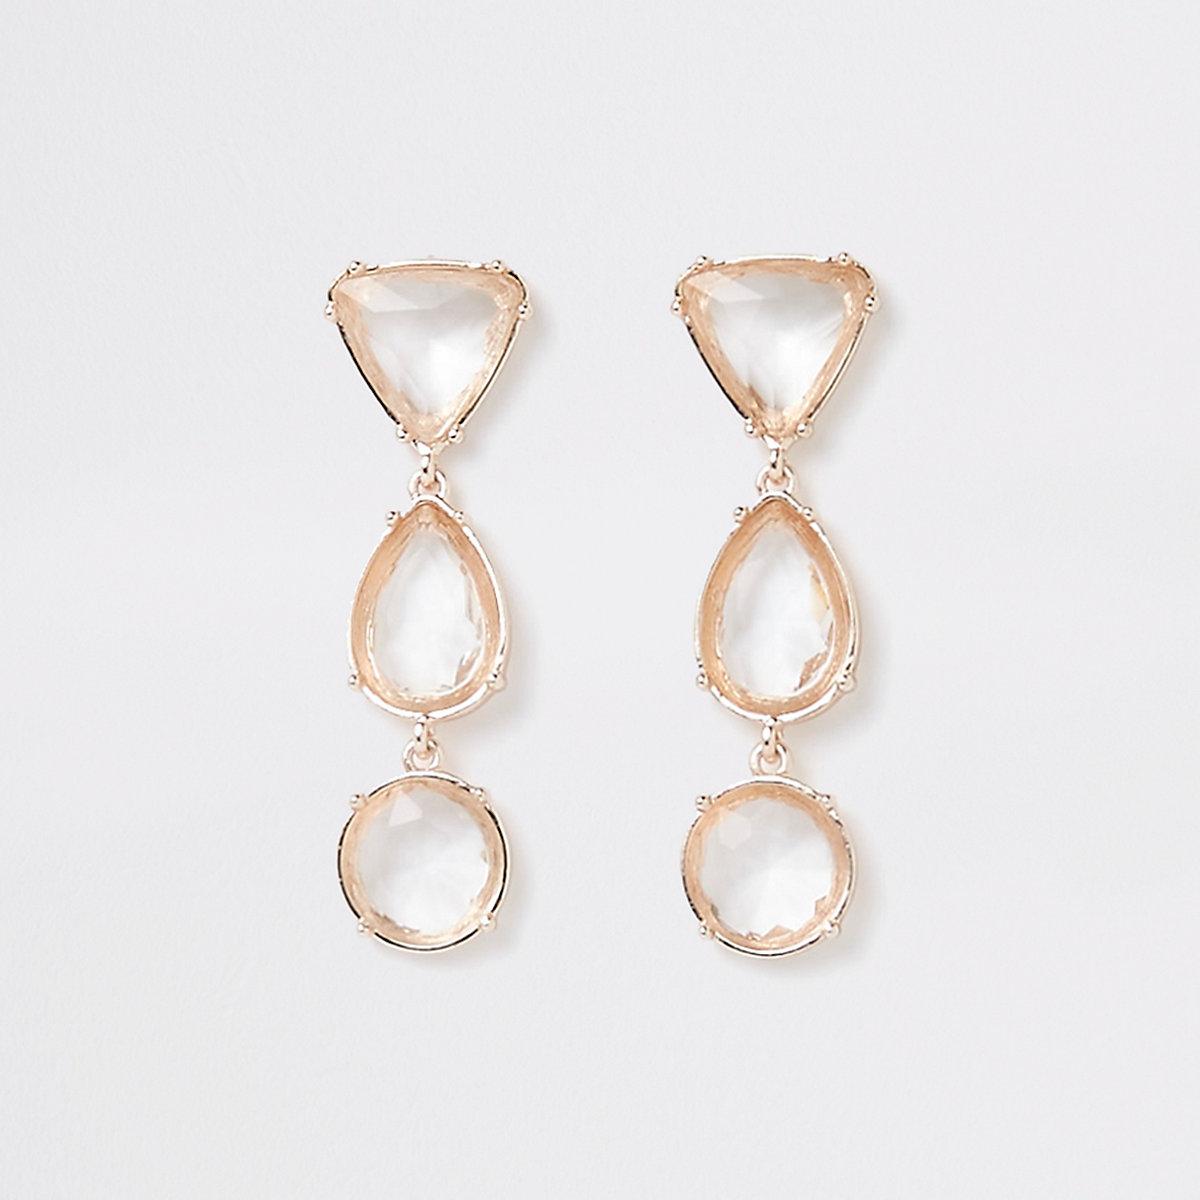 Clous d'oreilles dorés avec pendants à pierres